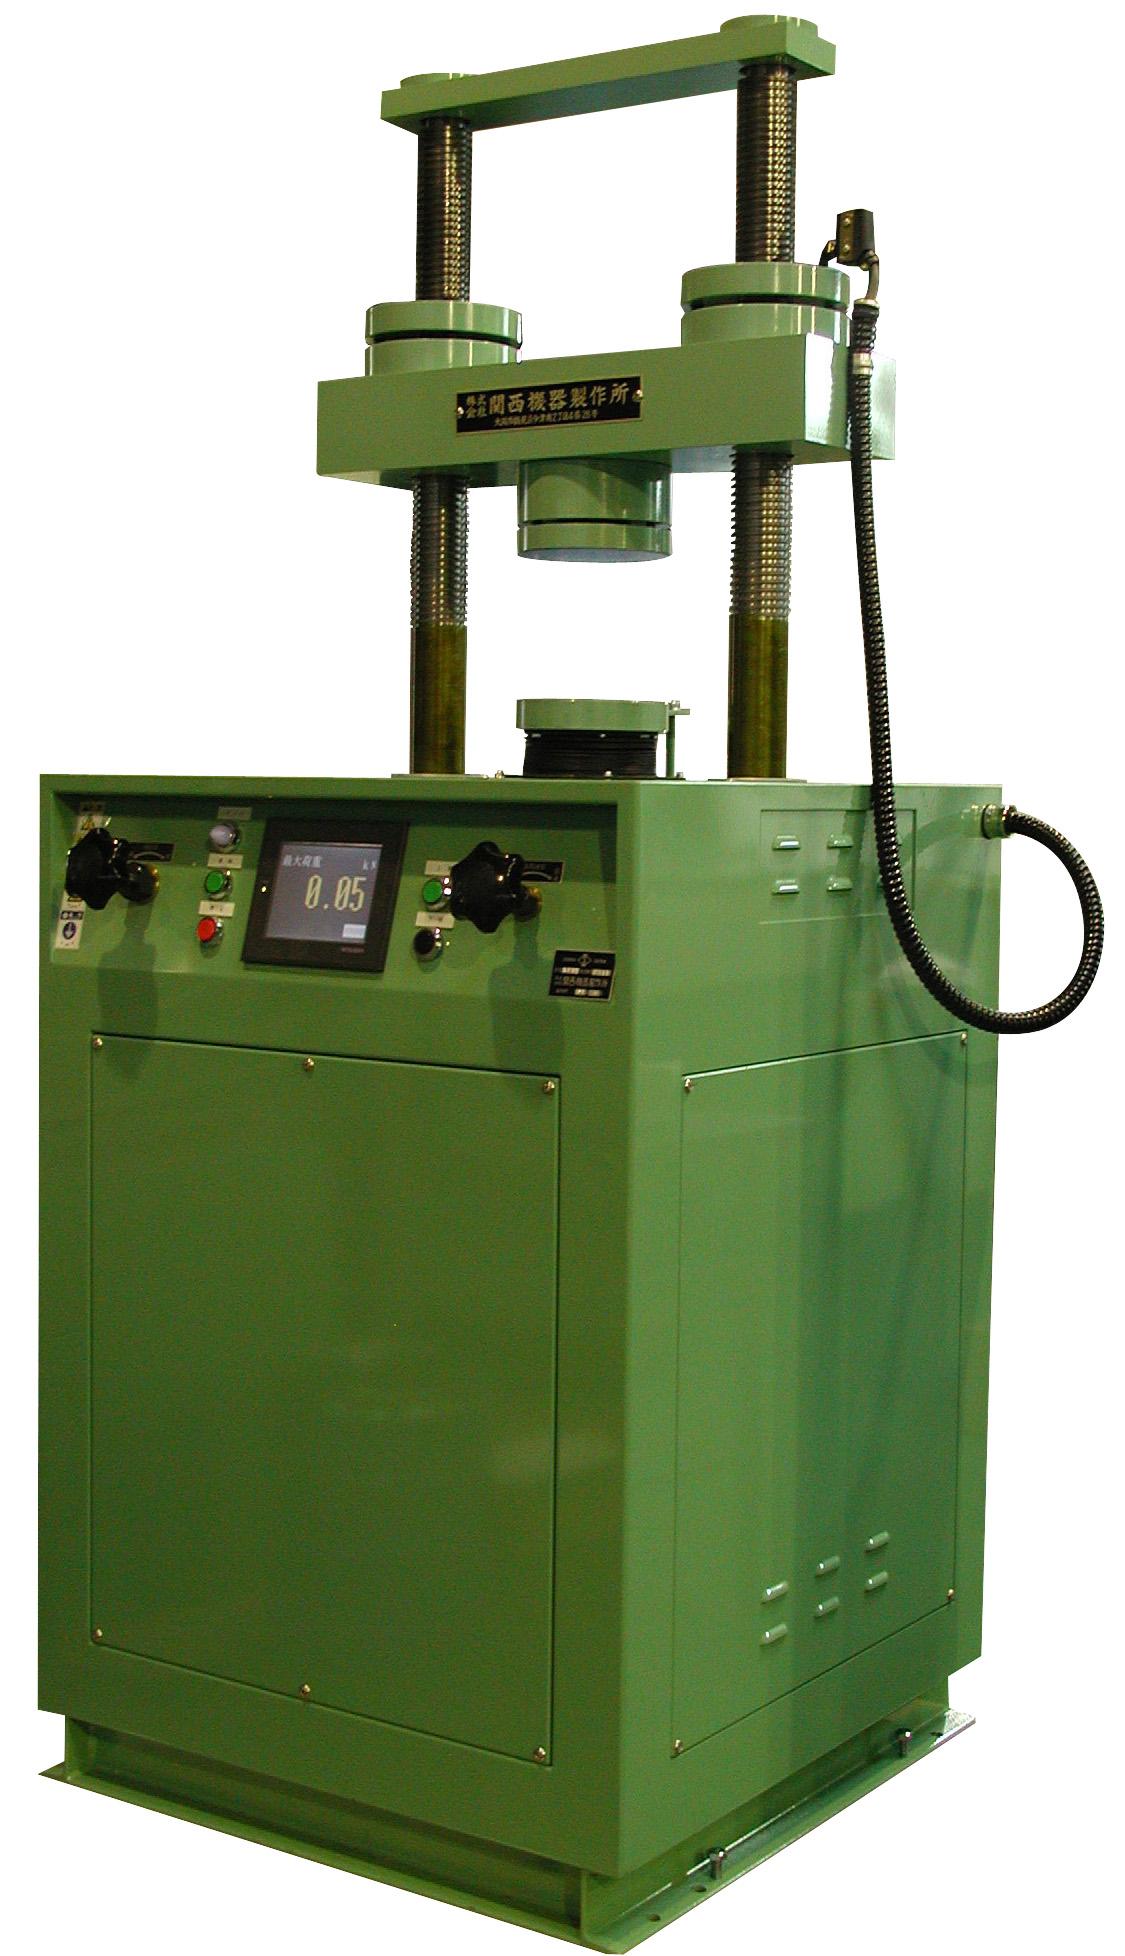 モルタル圧縮試験機(デジタル表示)